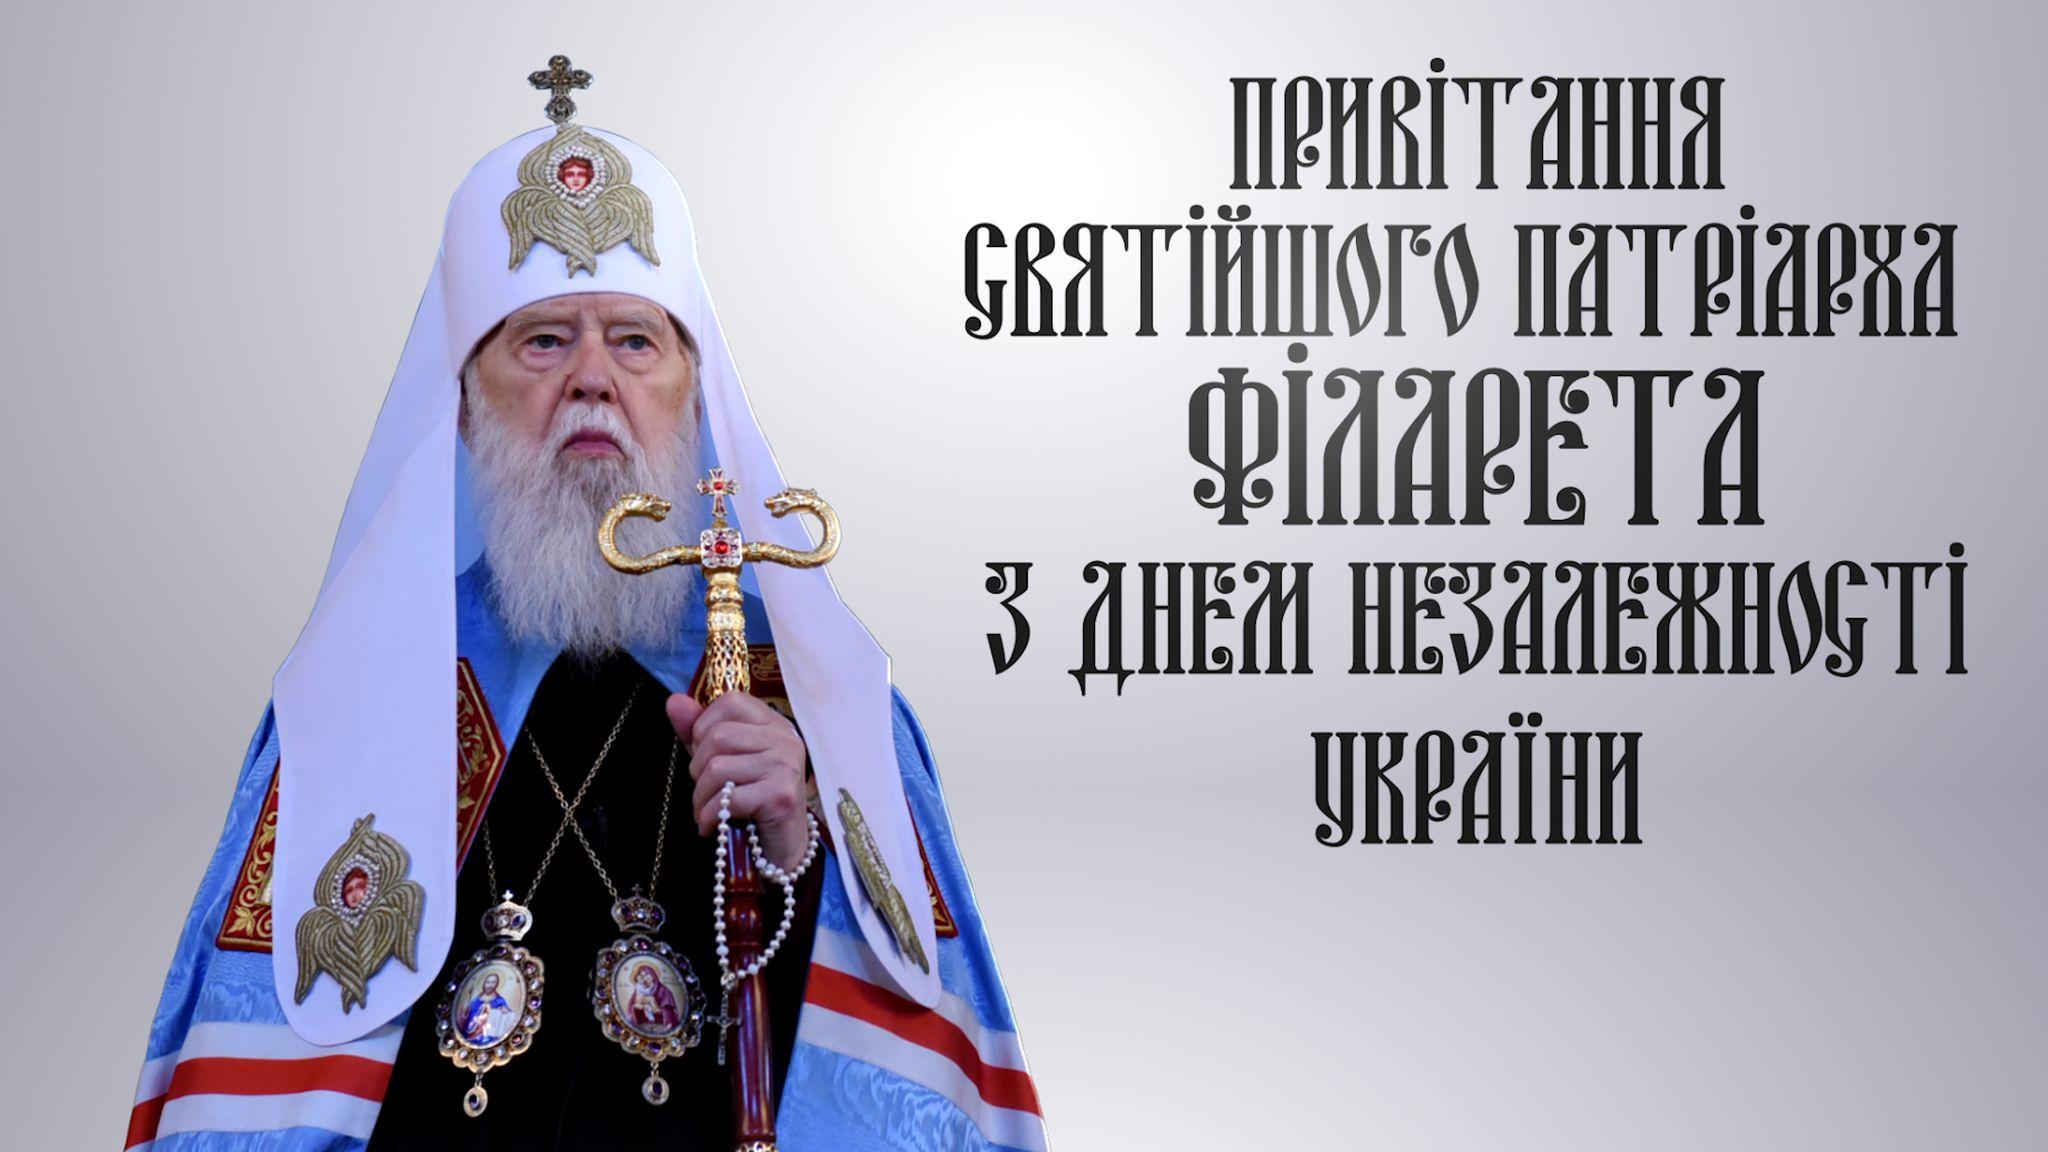 Привітання Святійшого Патріарха Філарета з 30-річчям Незалежності України (ВІДЕО)